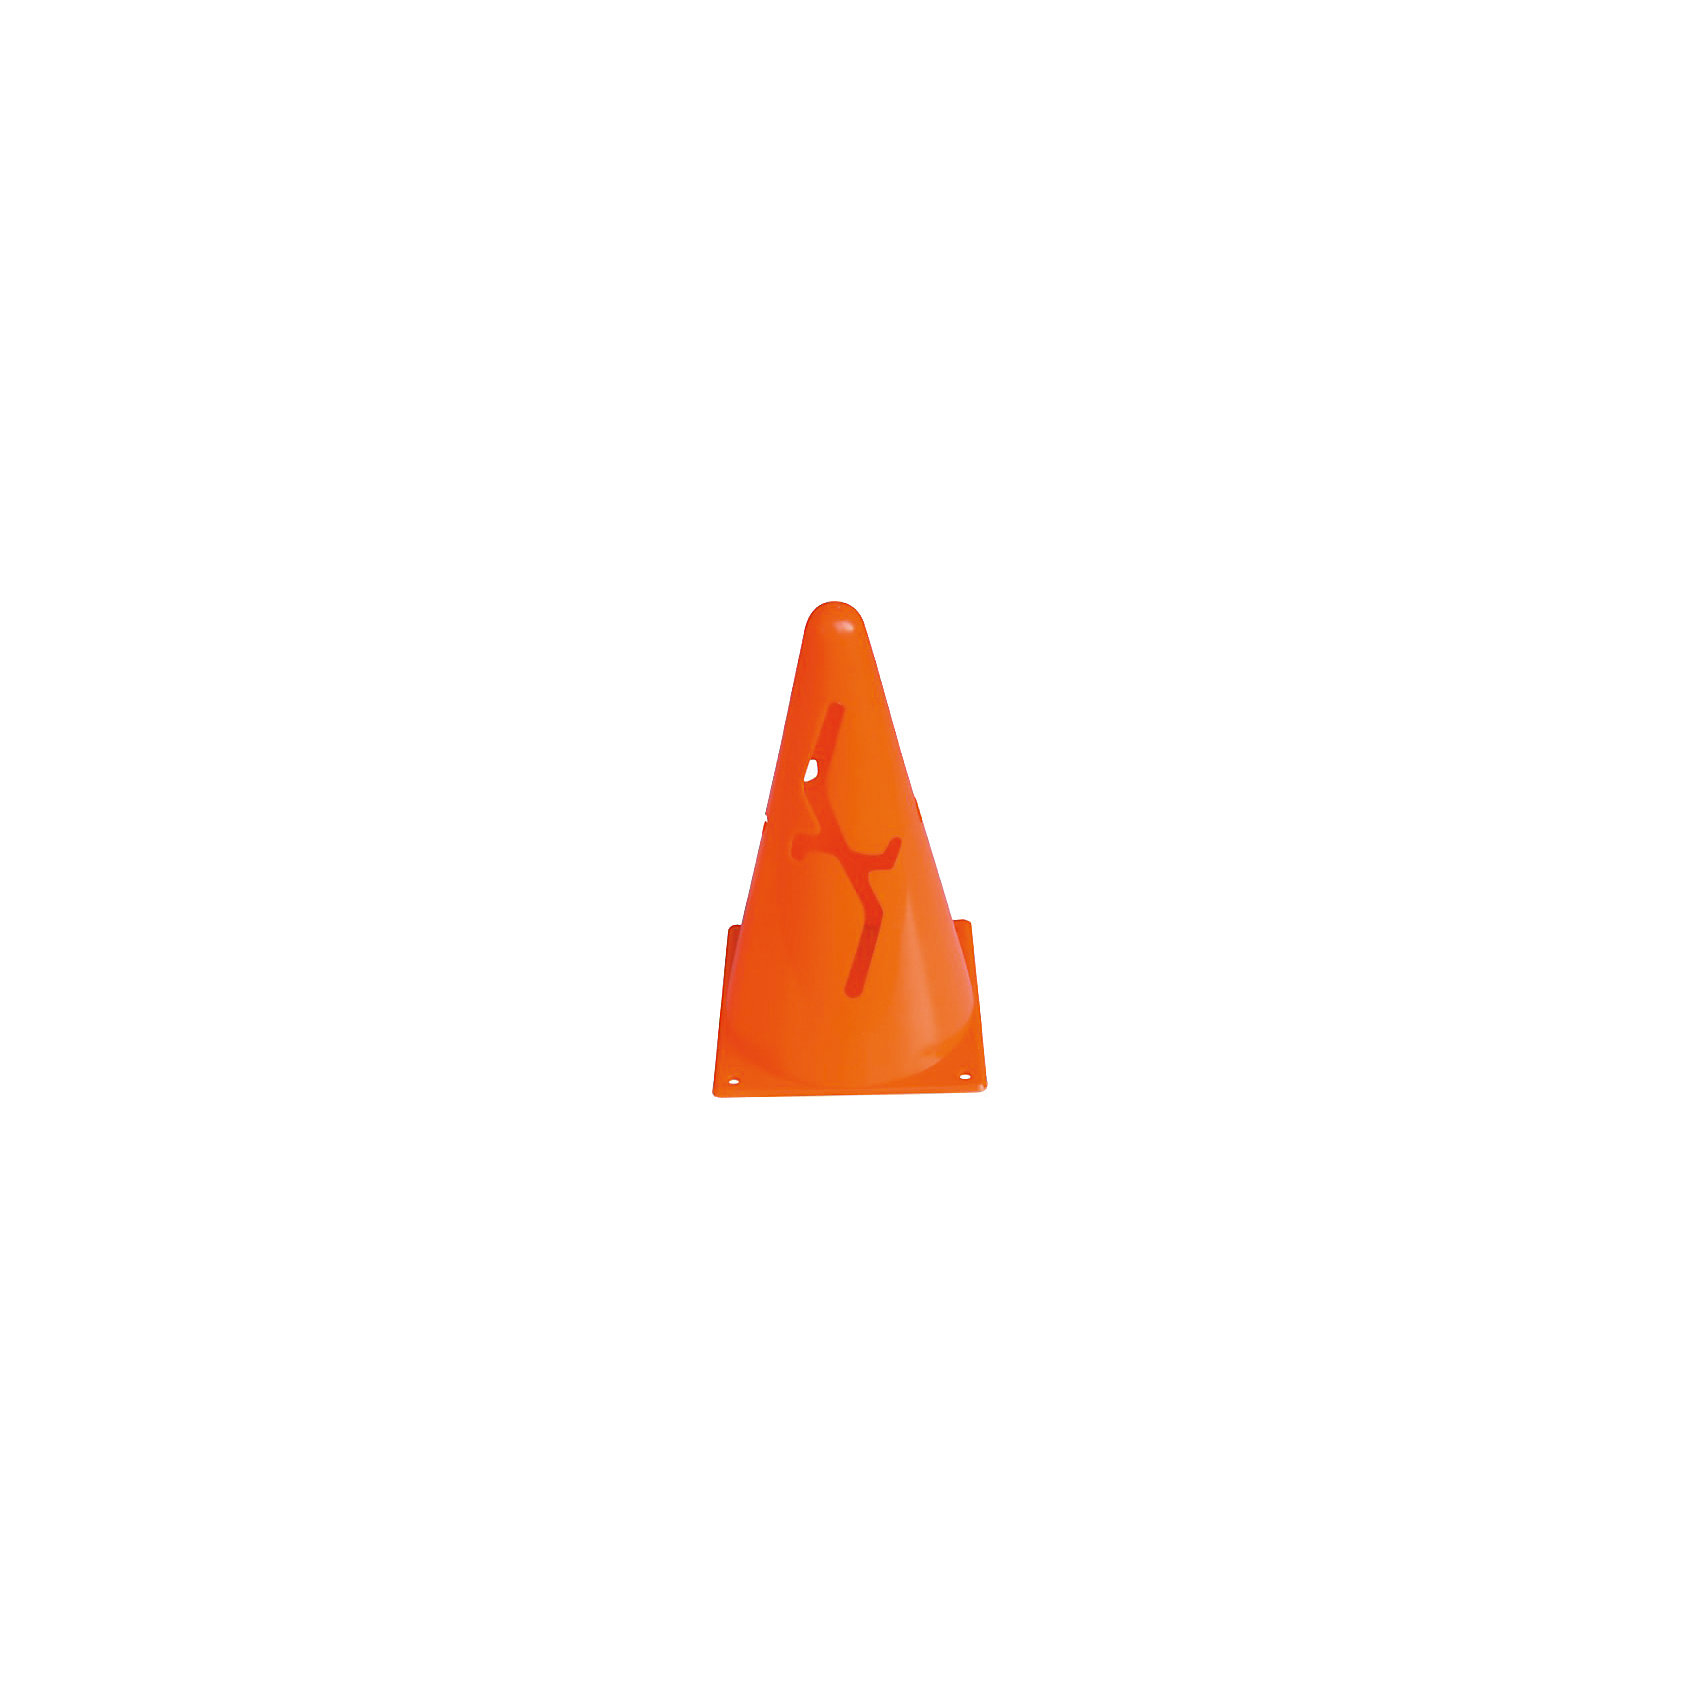 InSummer Конус оранжевый, InSummer в каком магазине в бибирево можно купить дшево косметику dbib